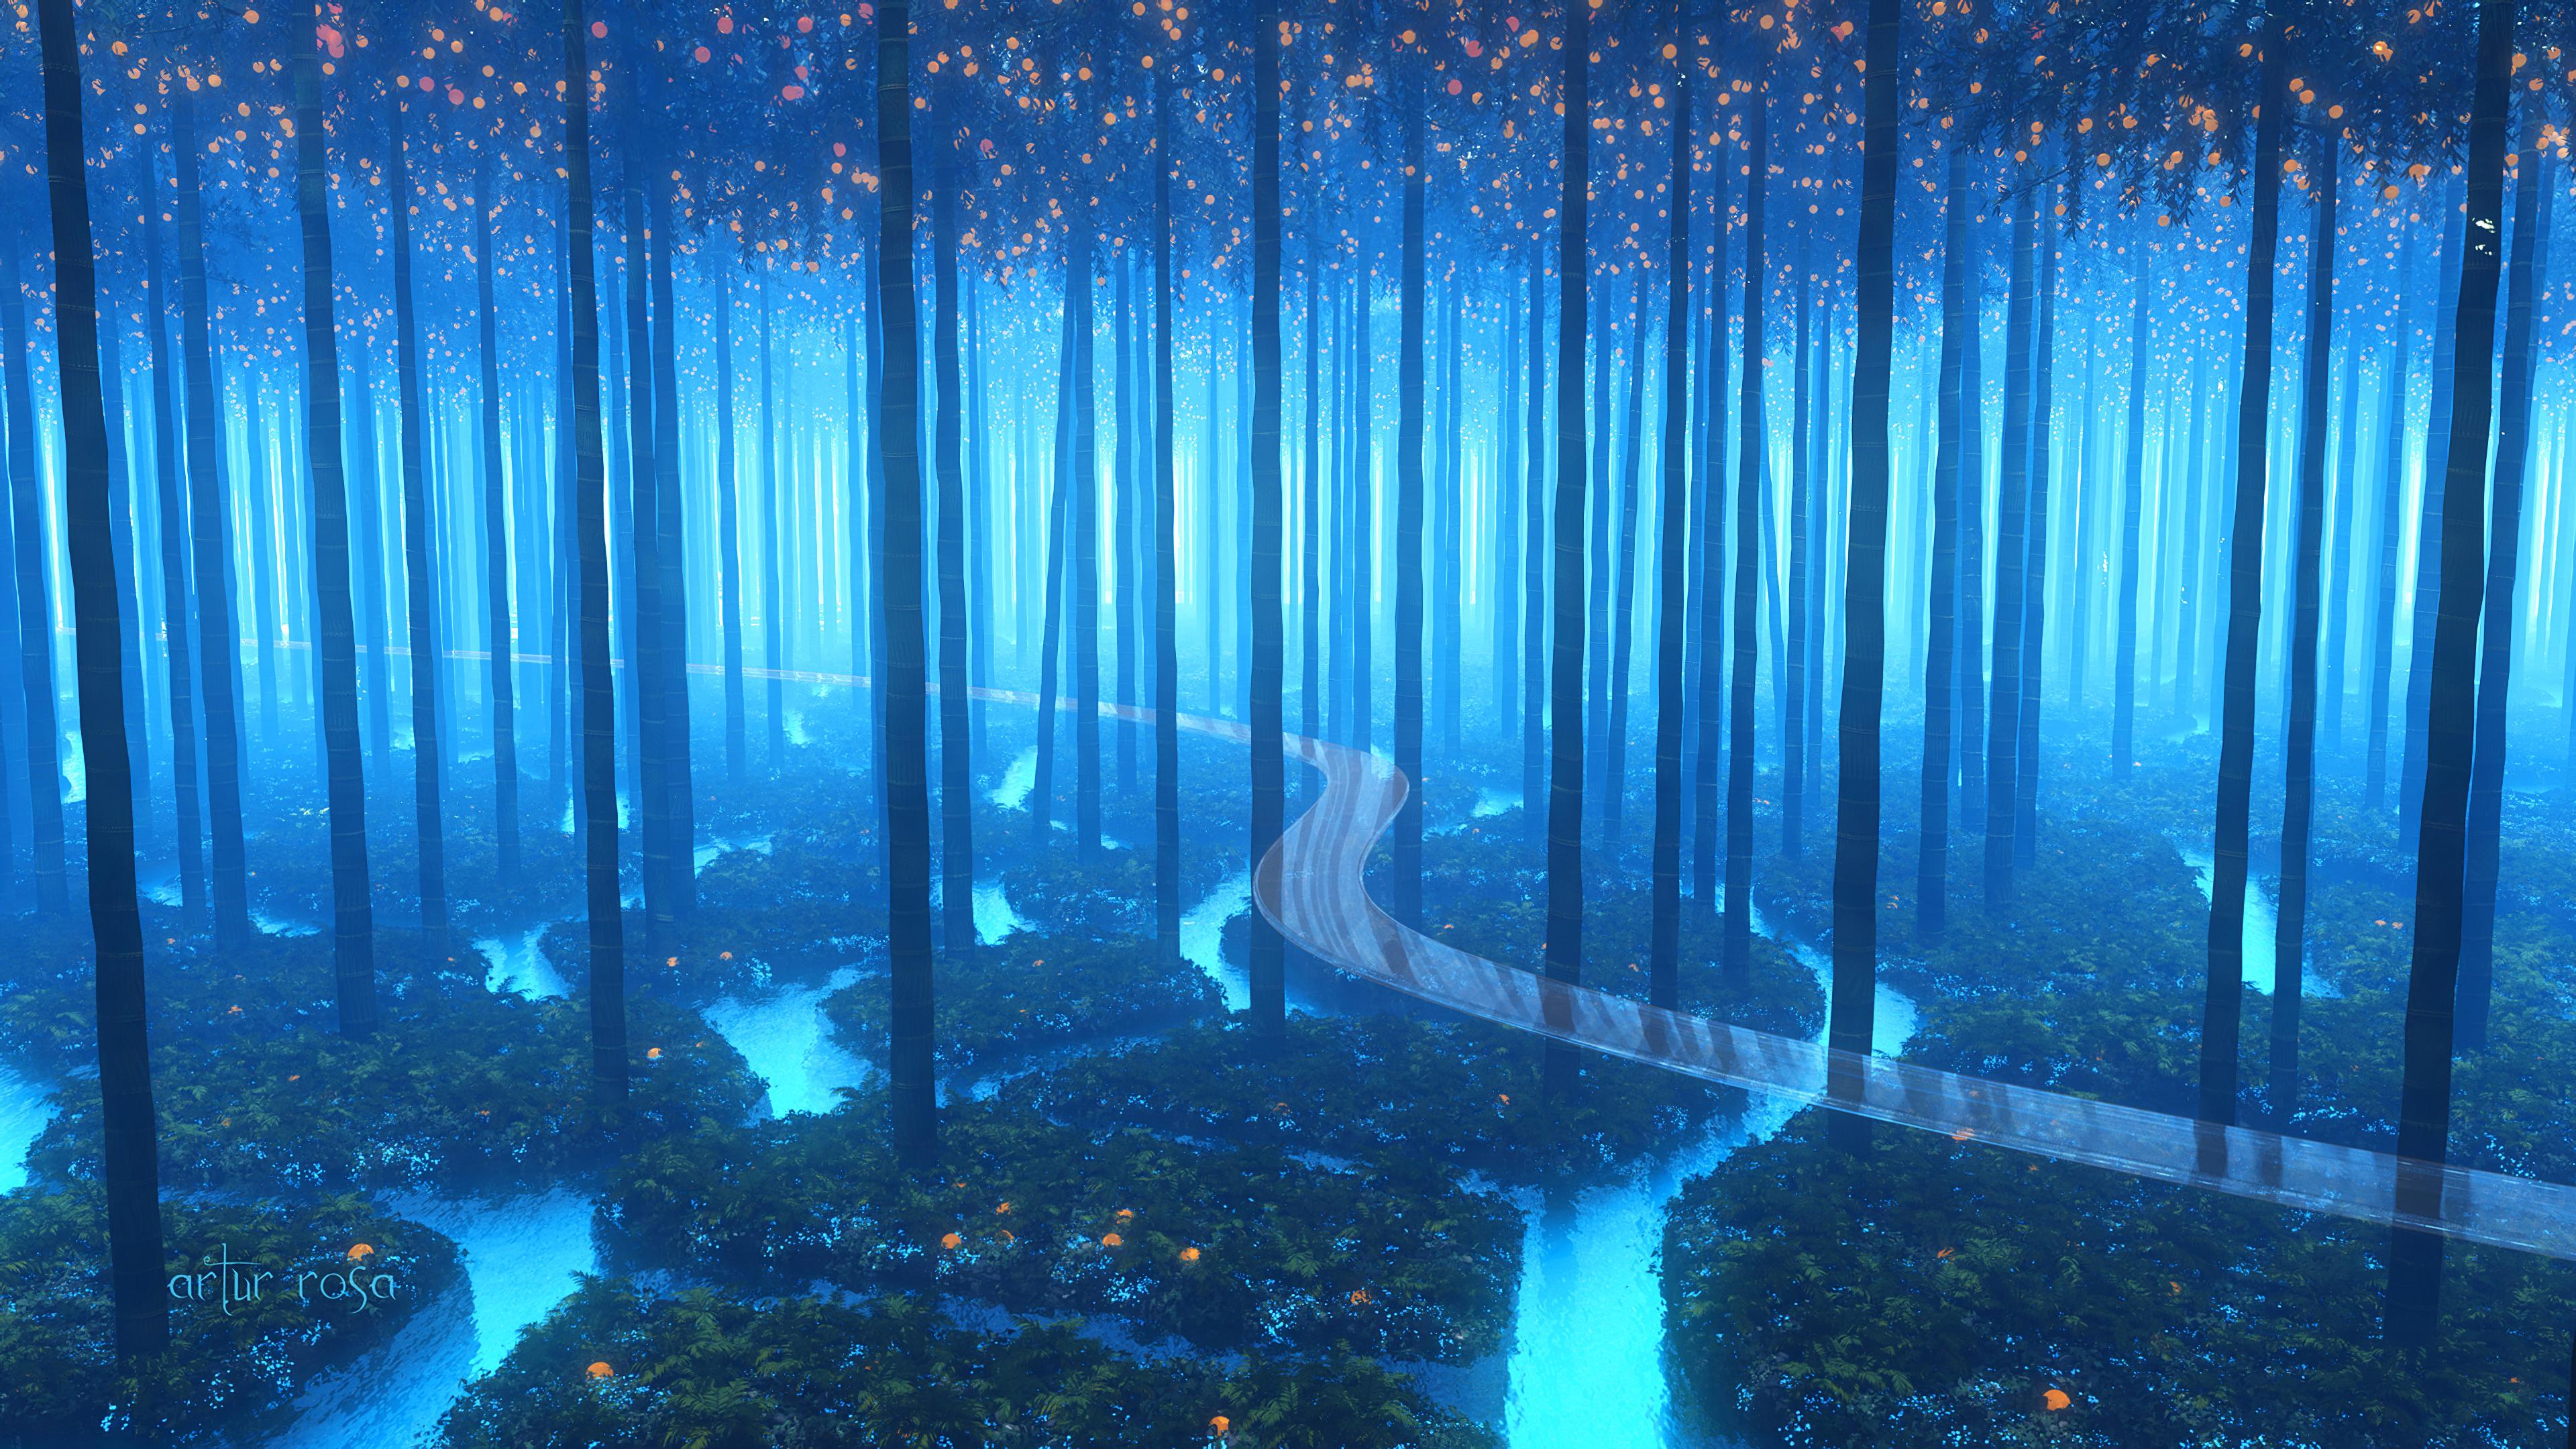 forest fresh breeze digital art 1578255374 - Forest Fresh Breeze Digital Art -